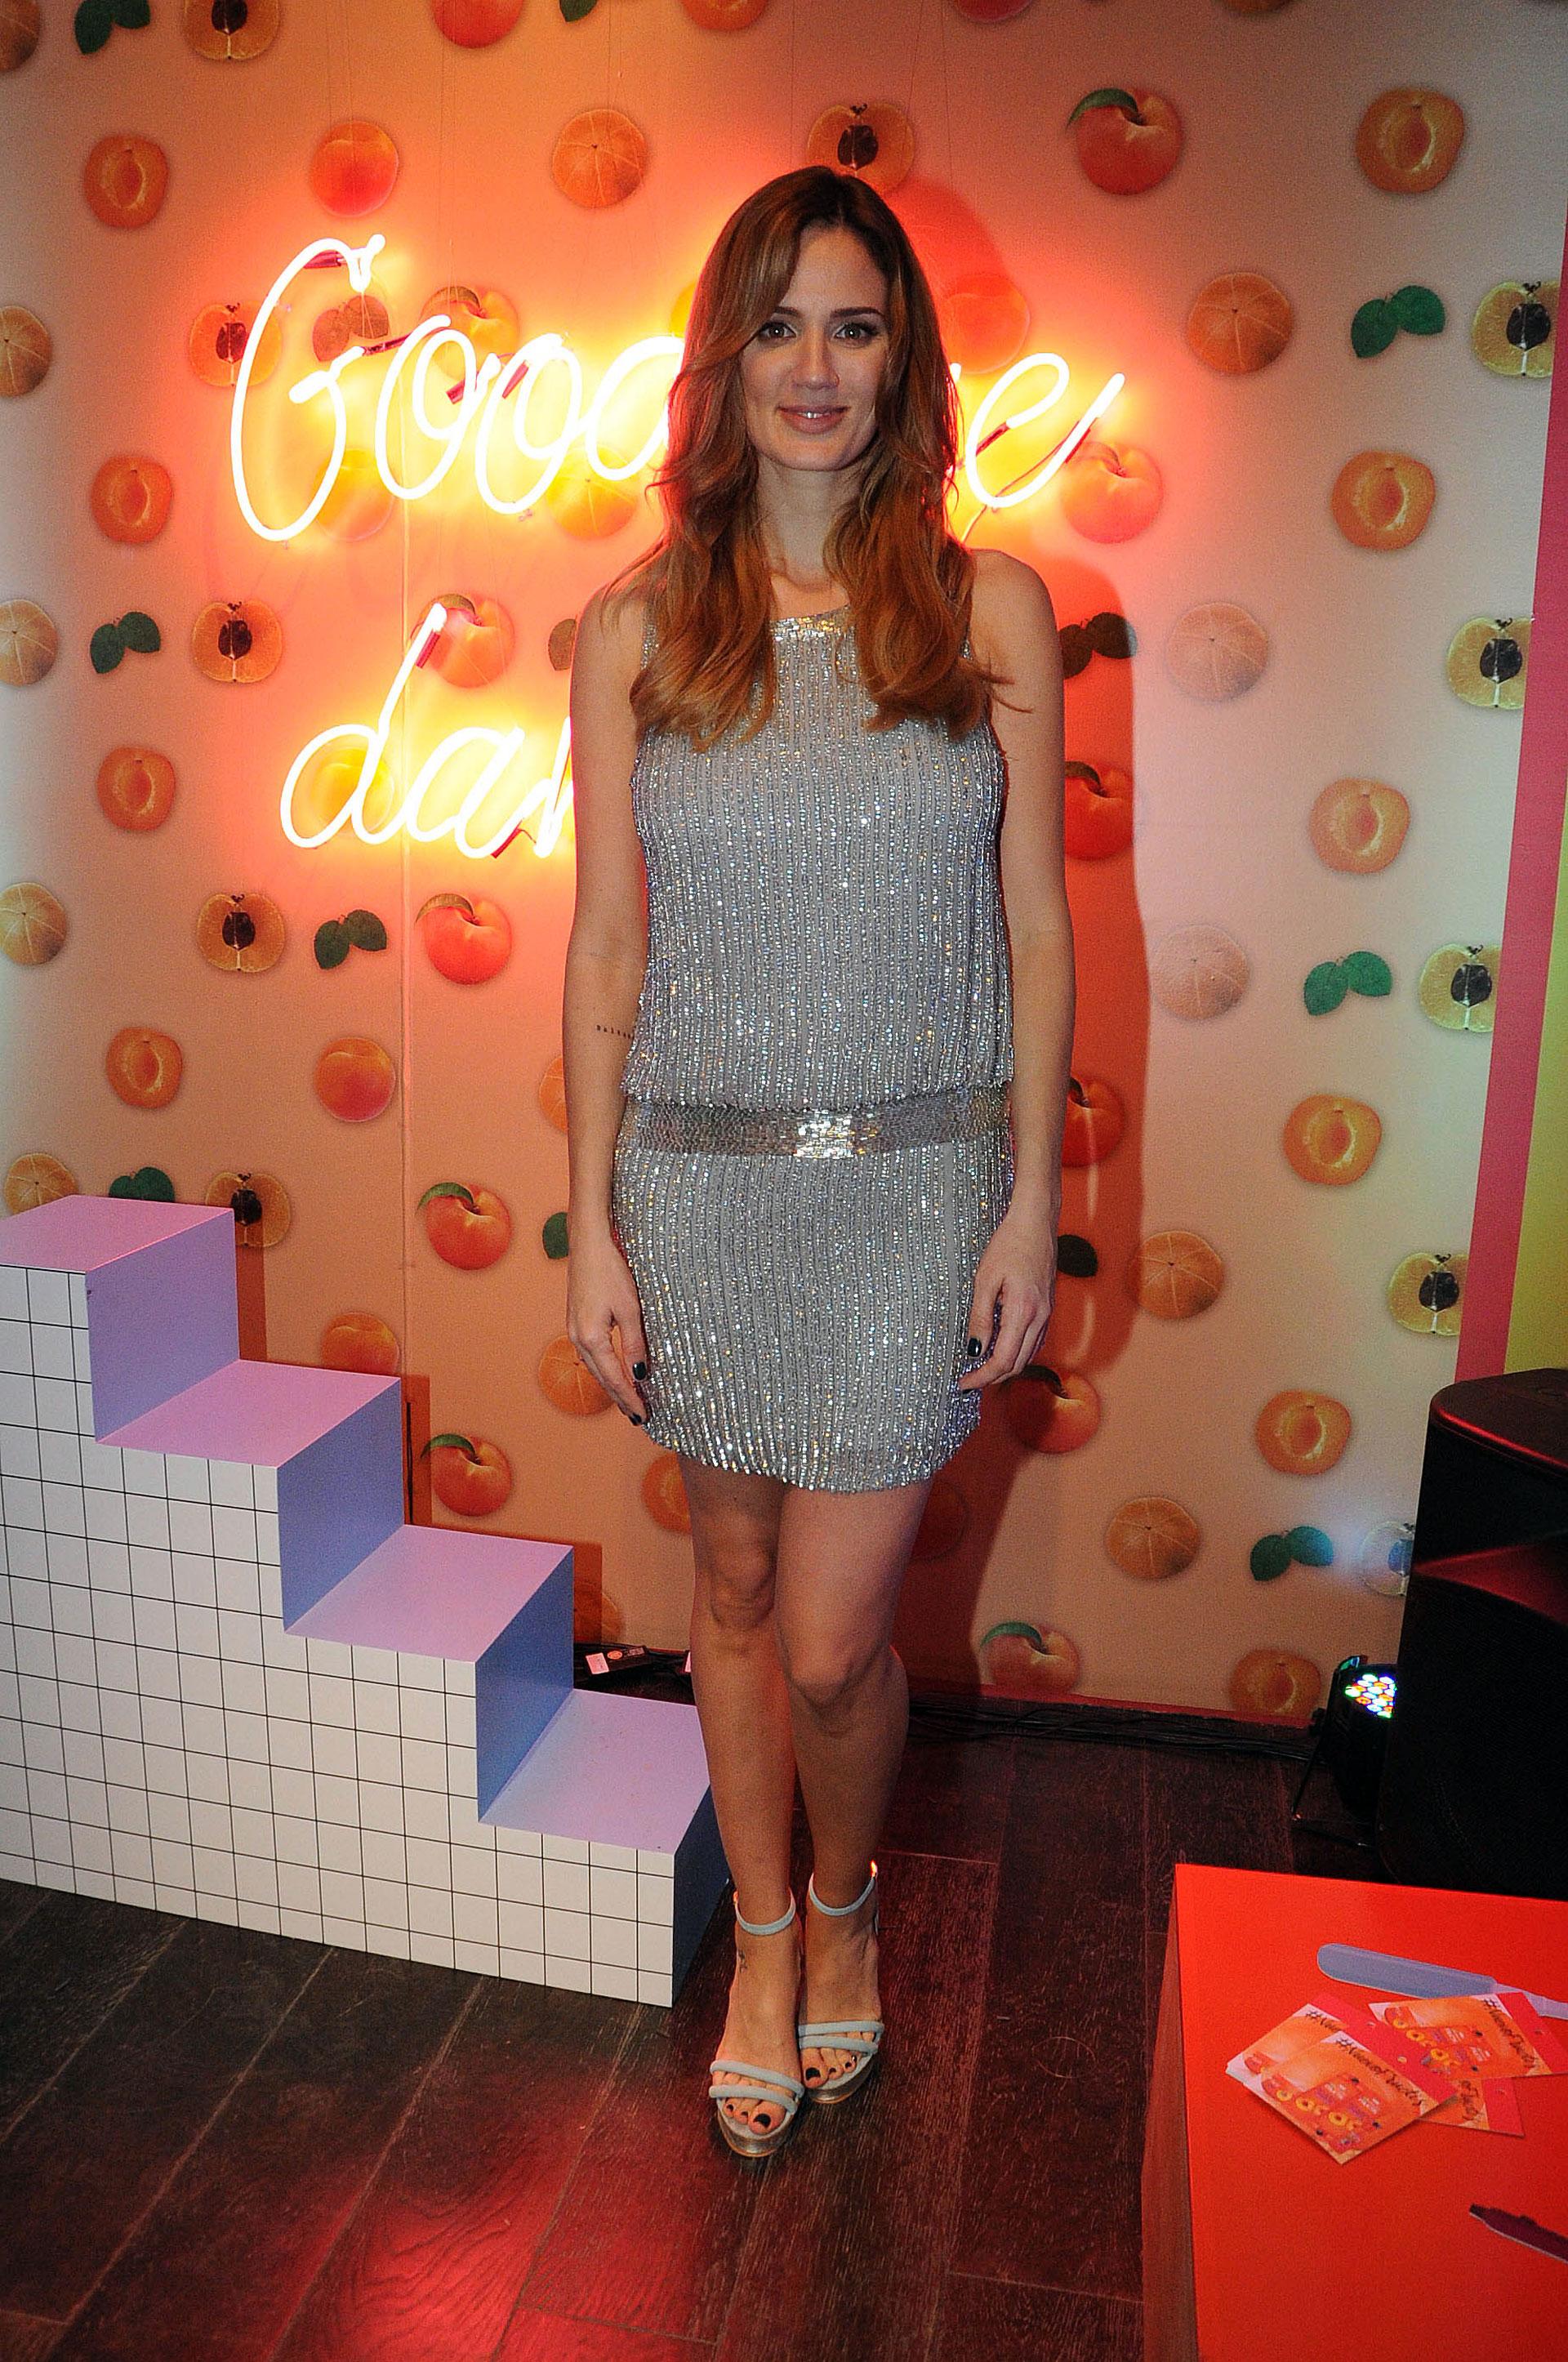 La conductora y modelo Paula Chaves lució muy sensual con un vestido plateado en un evento de la marca Garnier (Verónica Guerman)